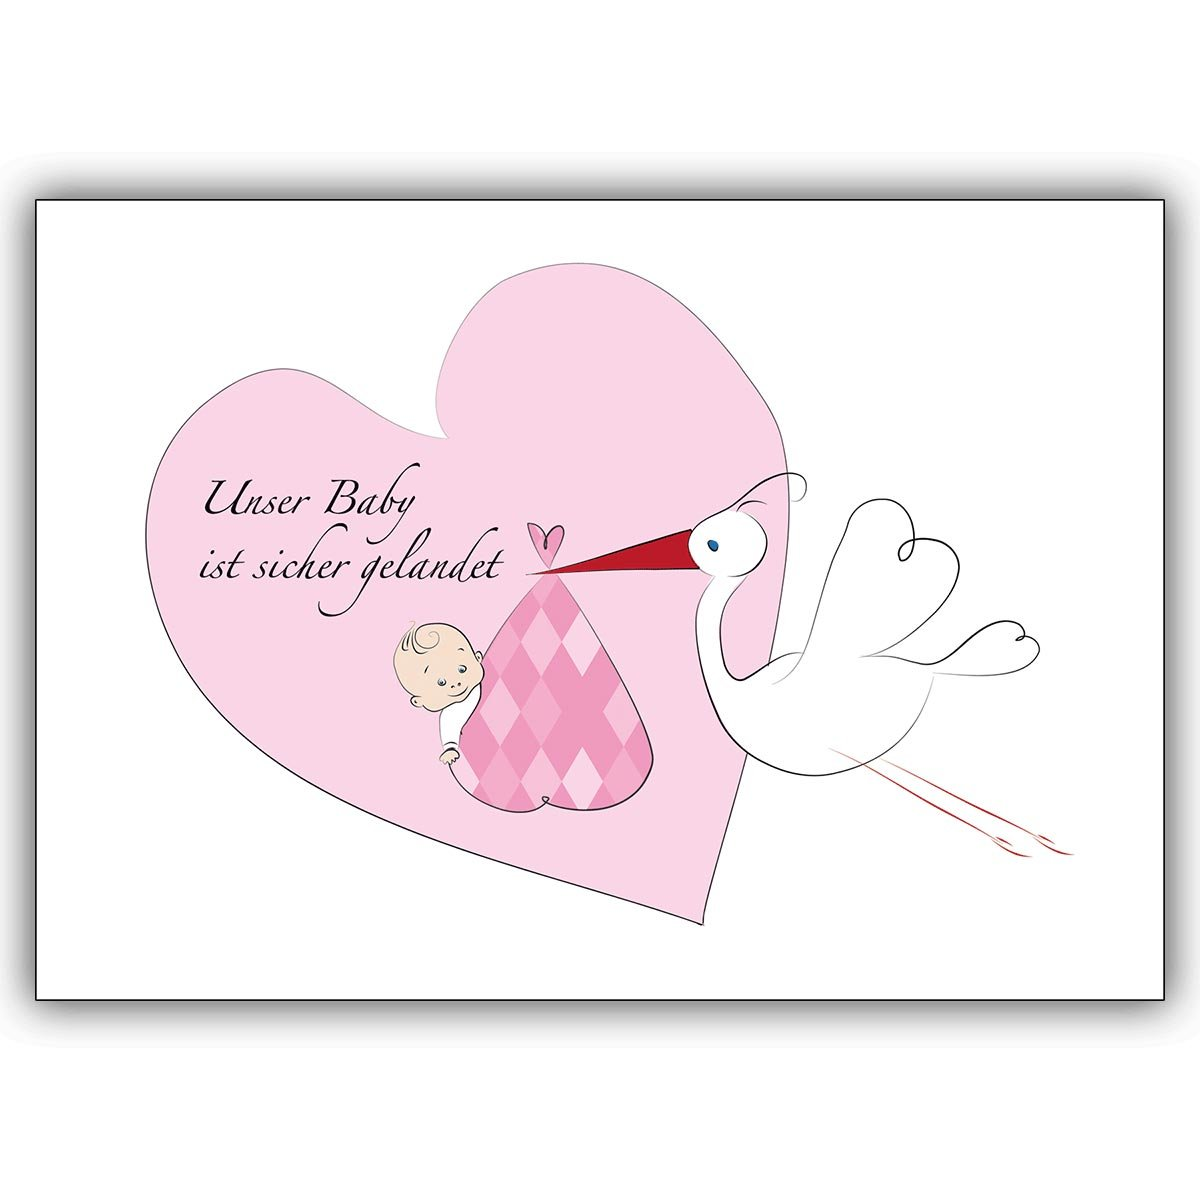 12 Mädchen Geburtsanzeigen mit Storch und Herz Herz Herz  Unser Baby ist sicher gelandet mit klassischem Innendruck. Ihren persönlichen Text drucken wir innen - einfach Schriftart auswählen B00W7V6CE8 | König der Quantität  9d2099